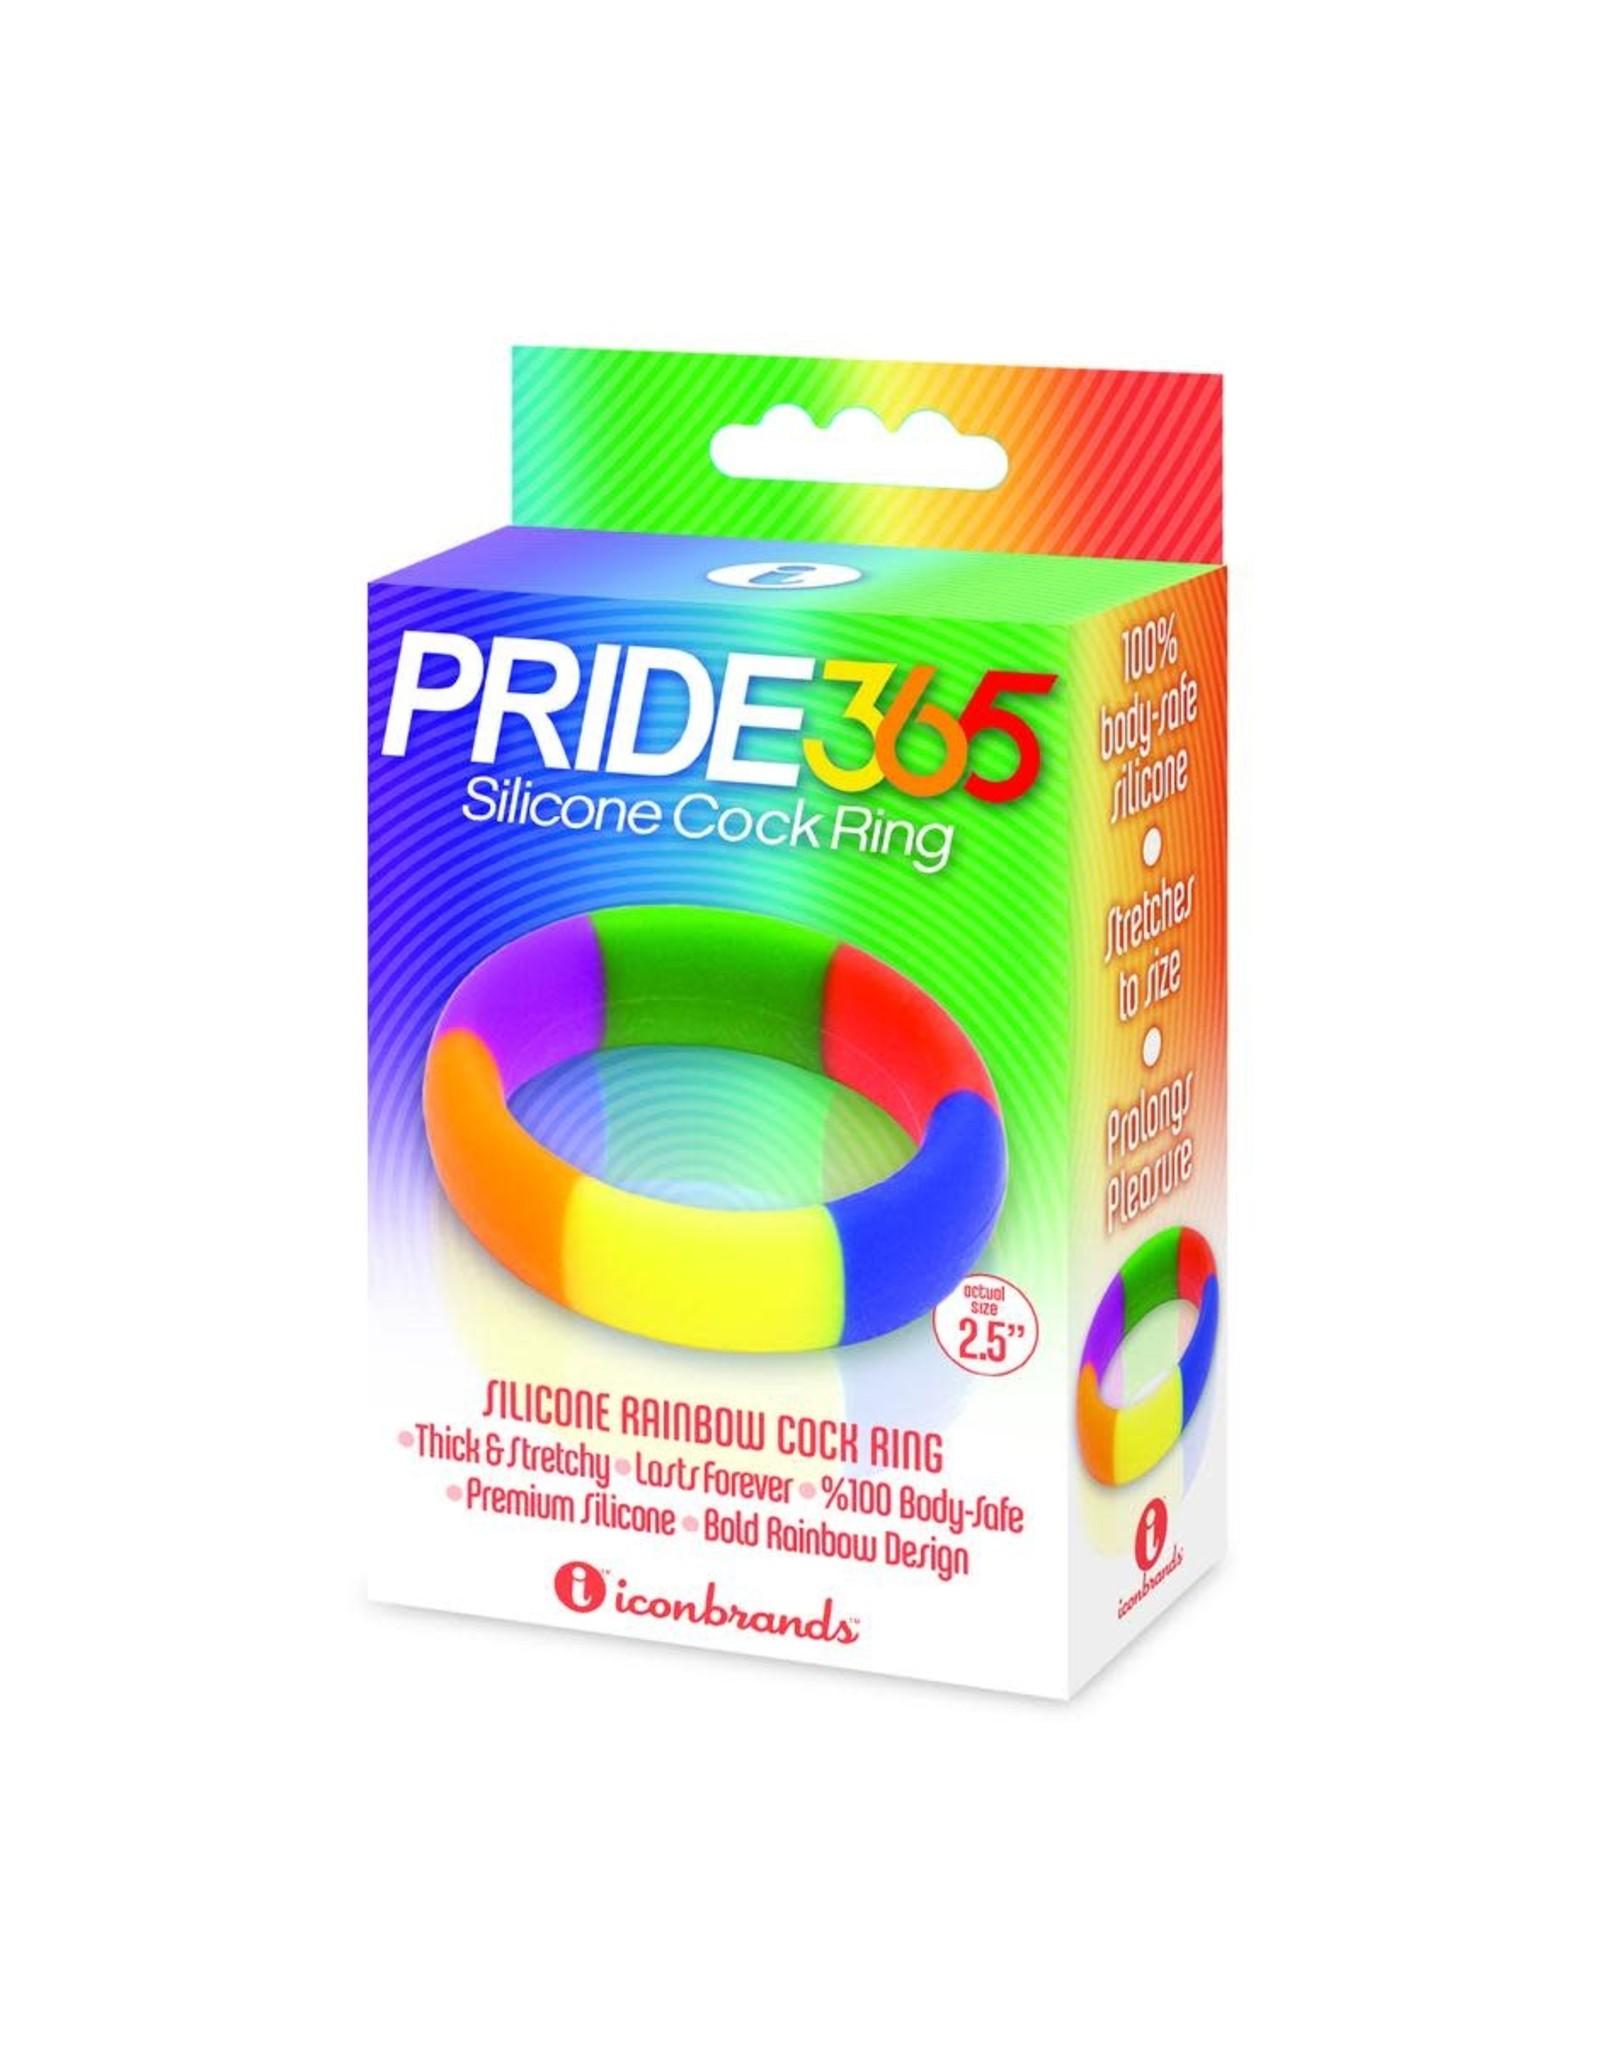 Icon Brands Pride 365 Silicone Cock Ring